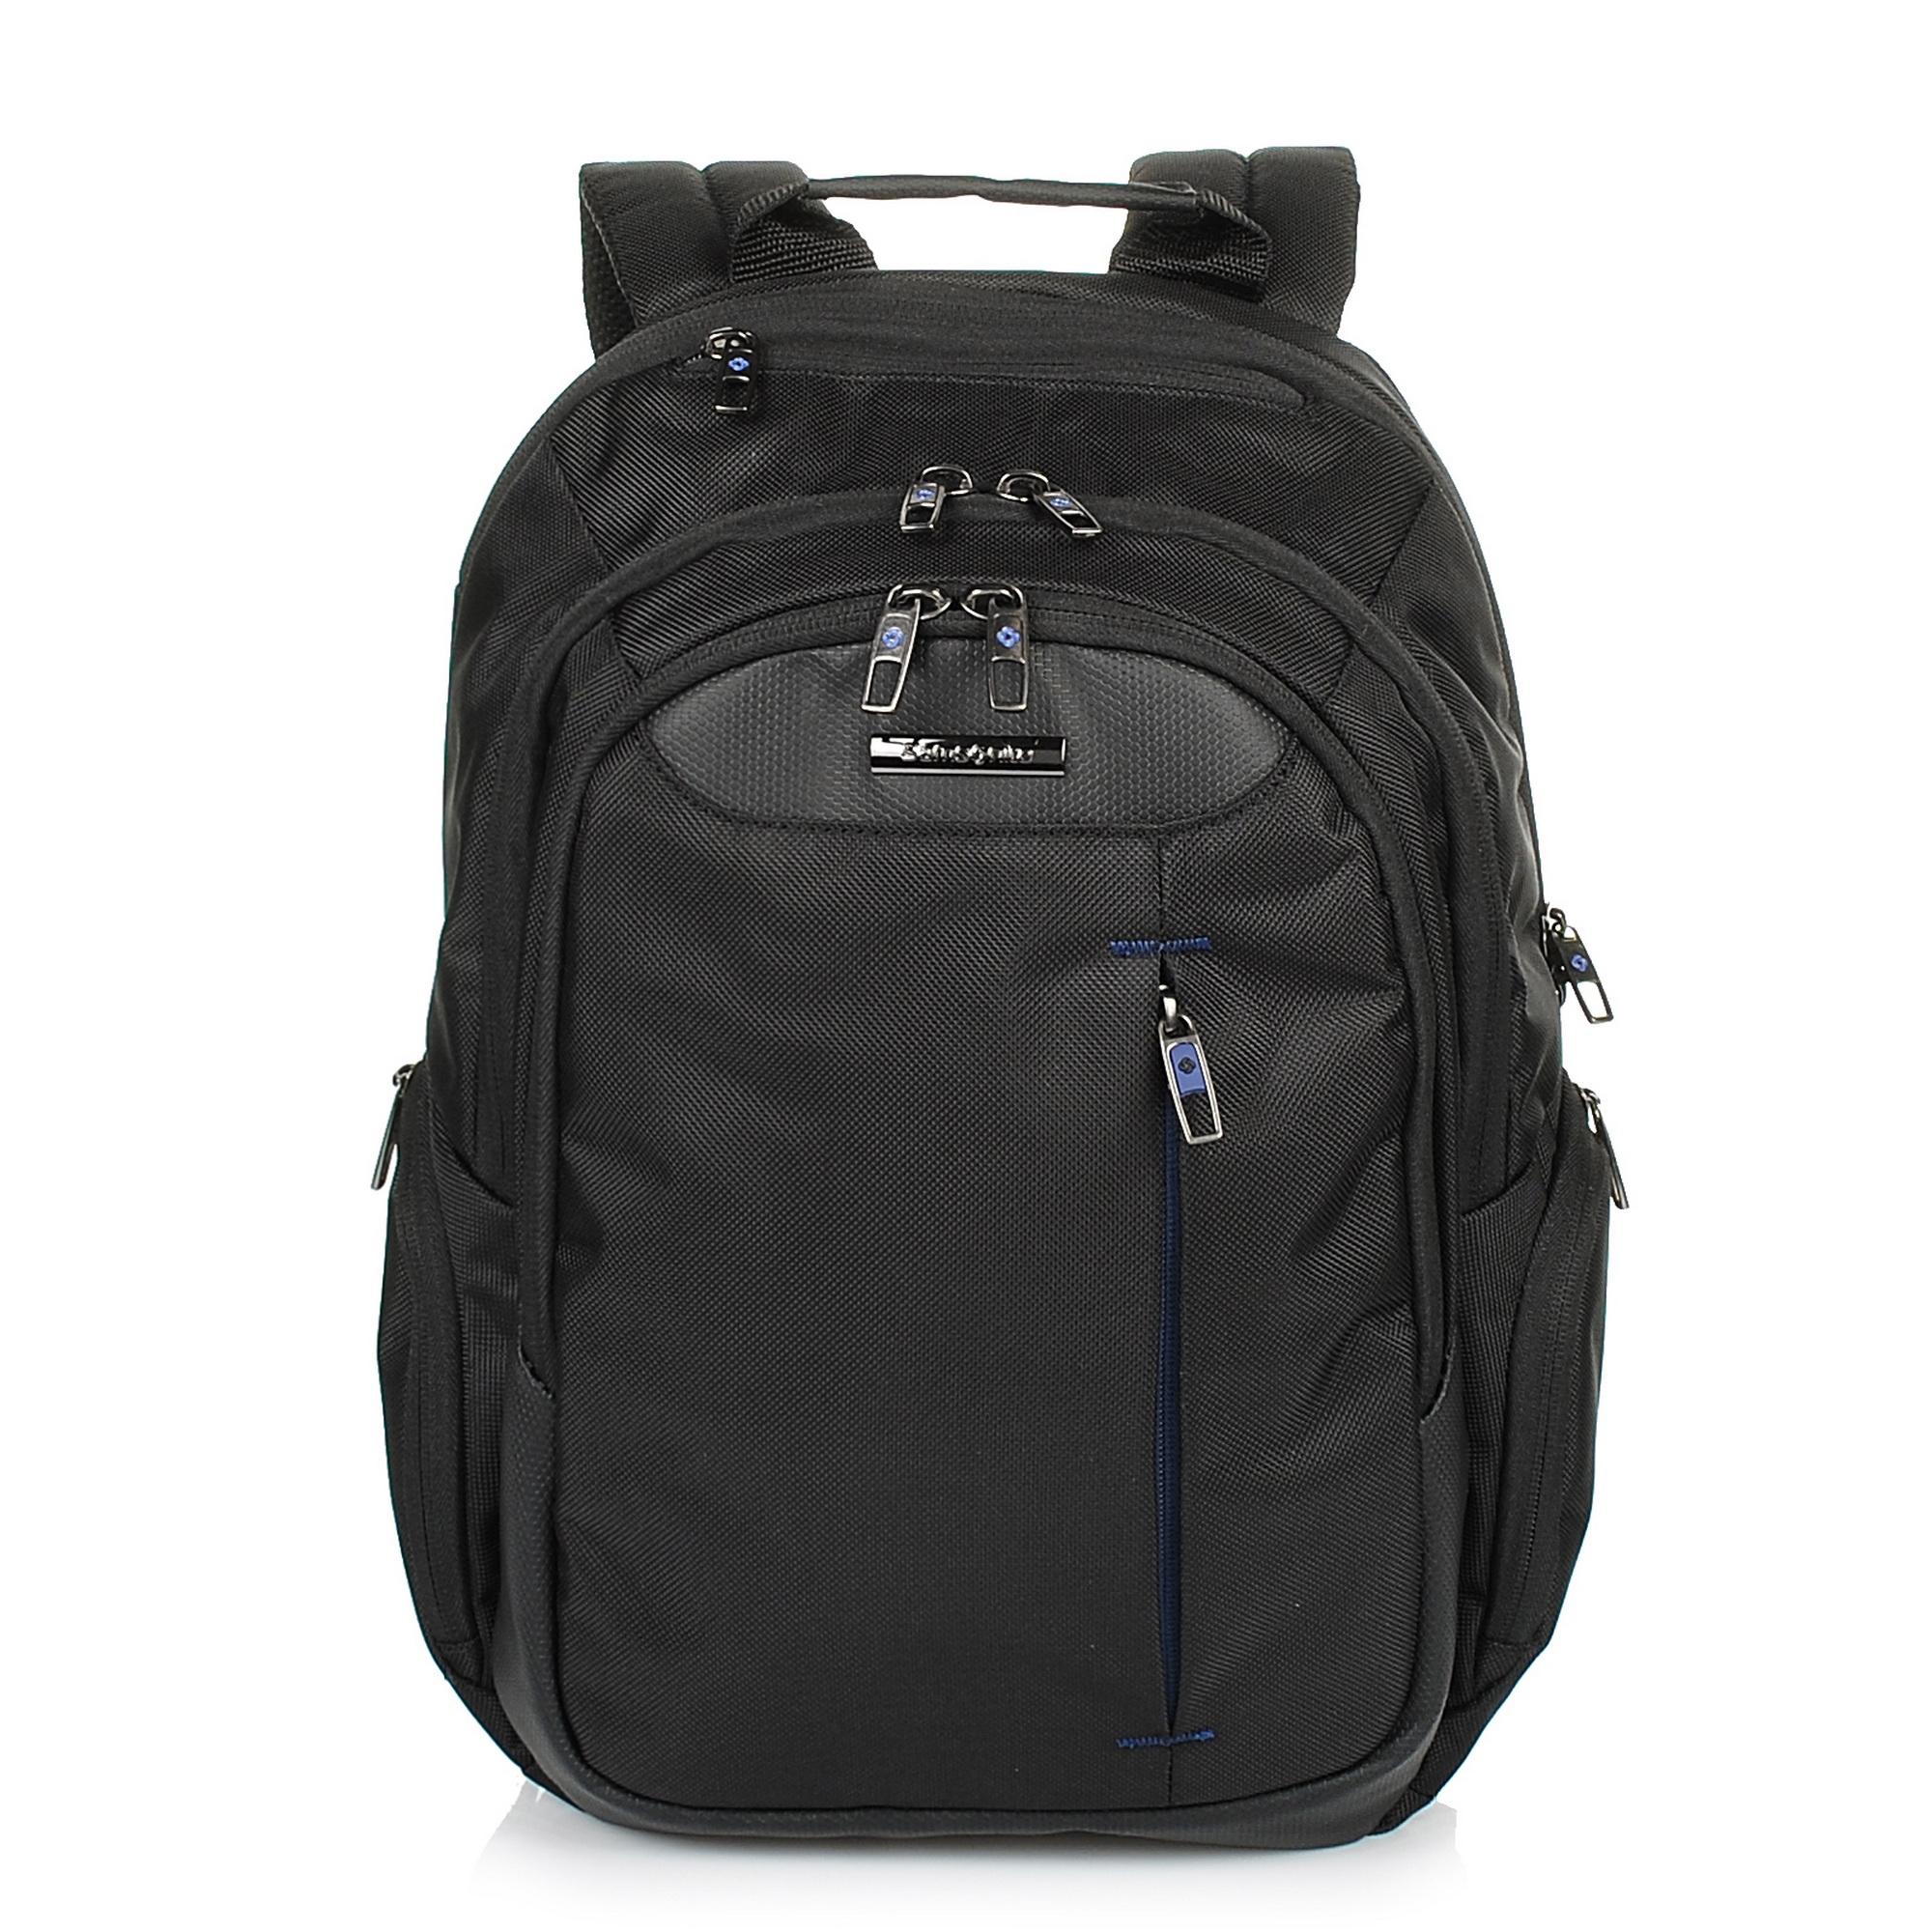 Σακίδιο Πλάτης Samsonite Guardit Up Laptop Backpack S 13